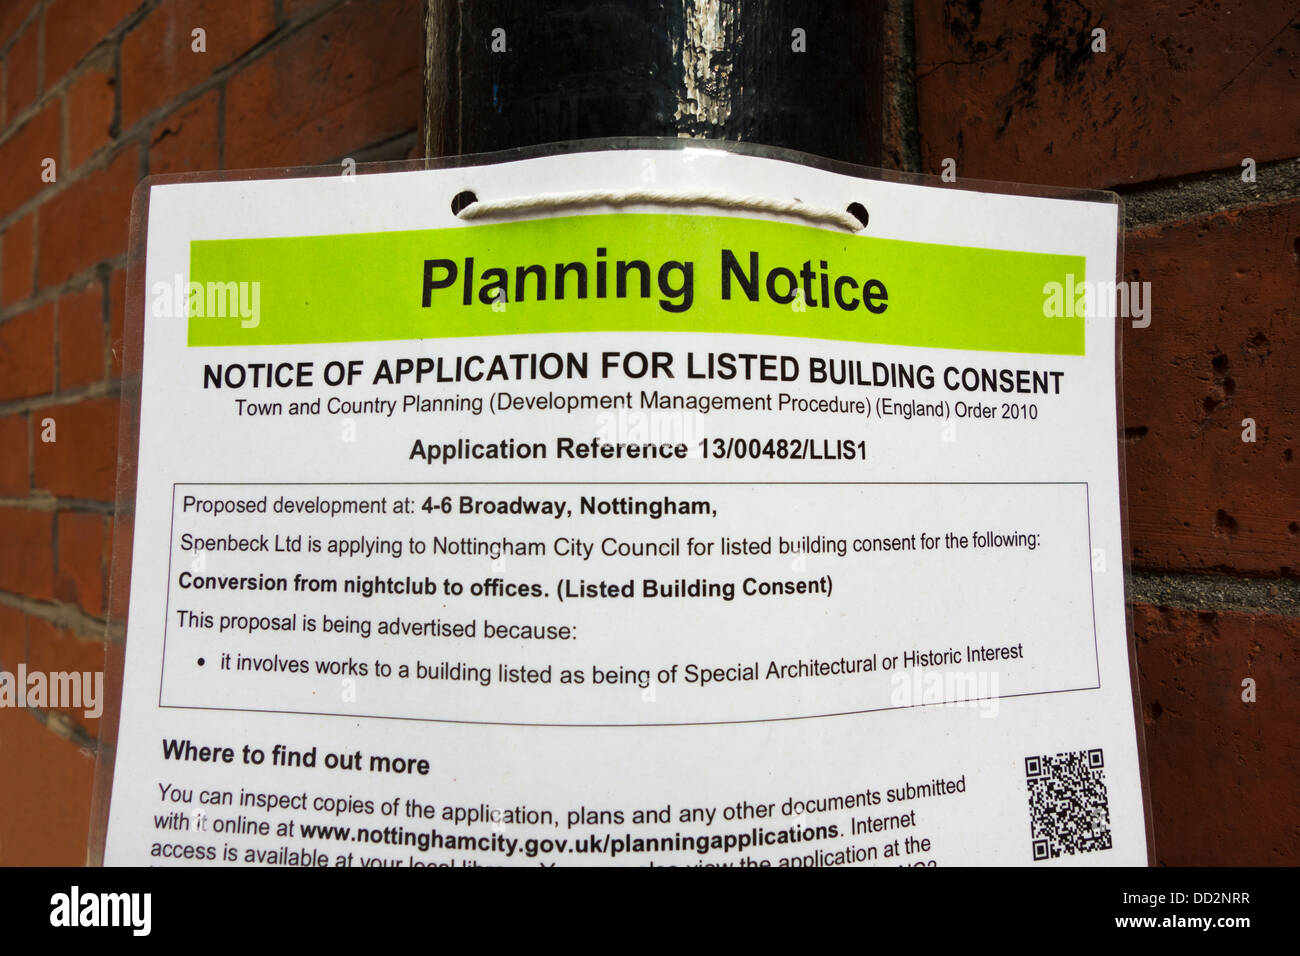 La planificación de un aviso de solicitud de un edificio construido en el Reino Unido. Imagen De Stock